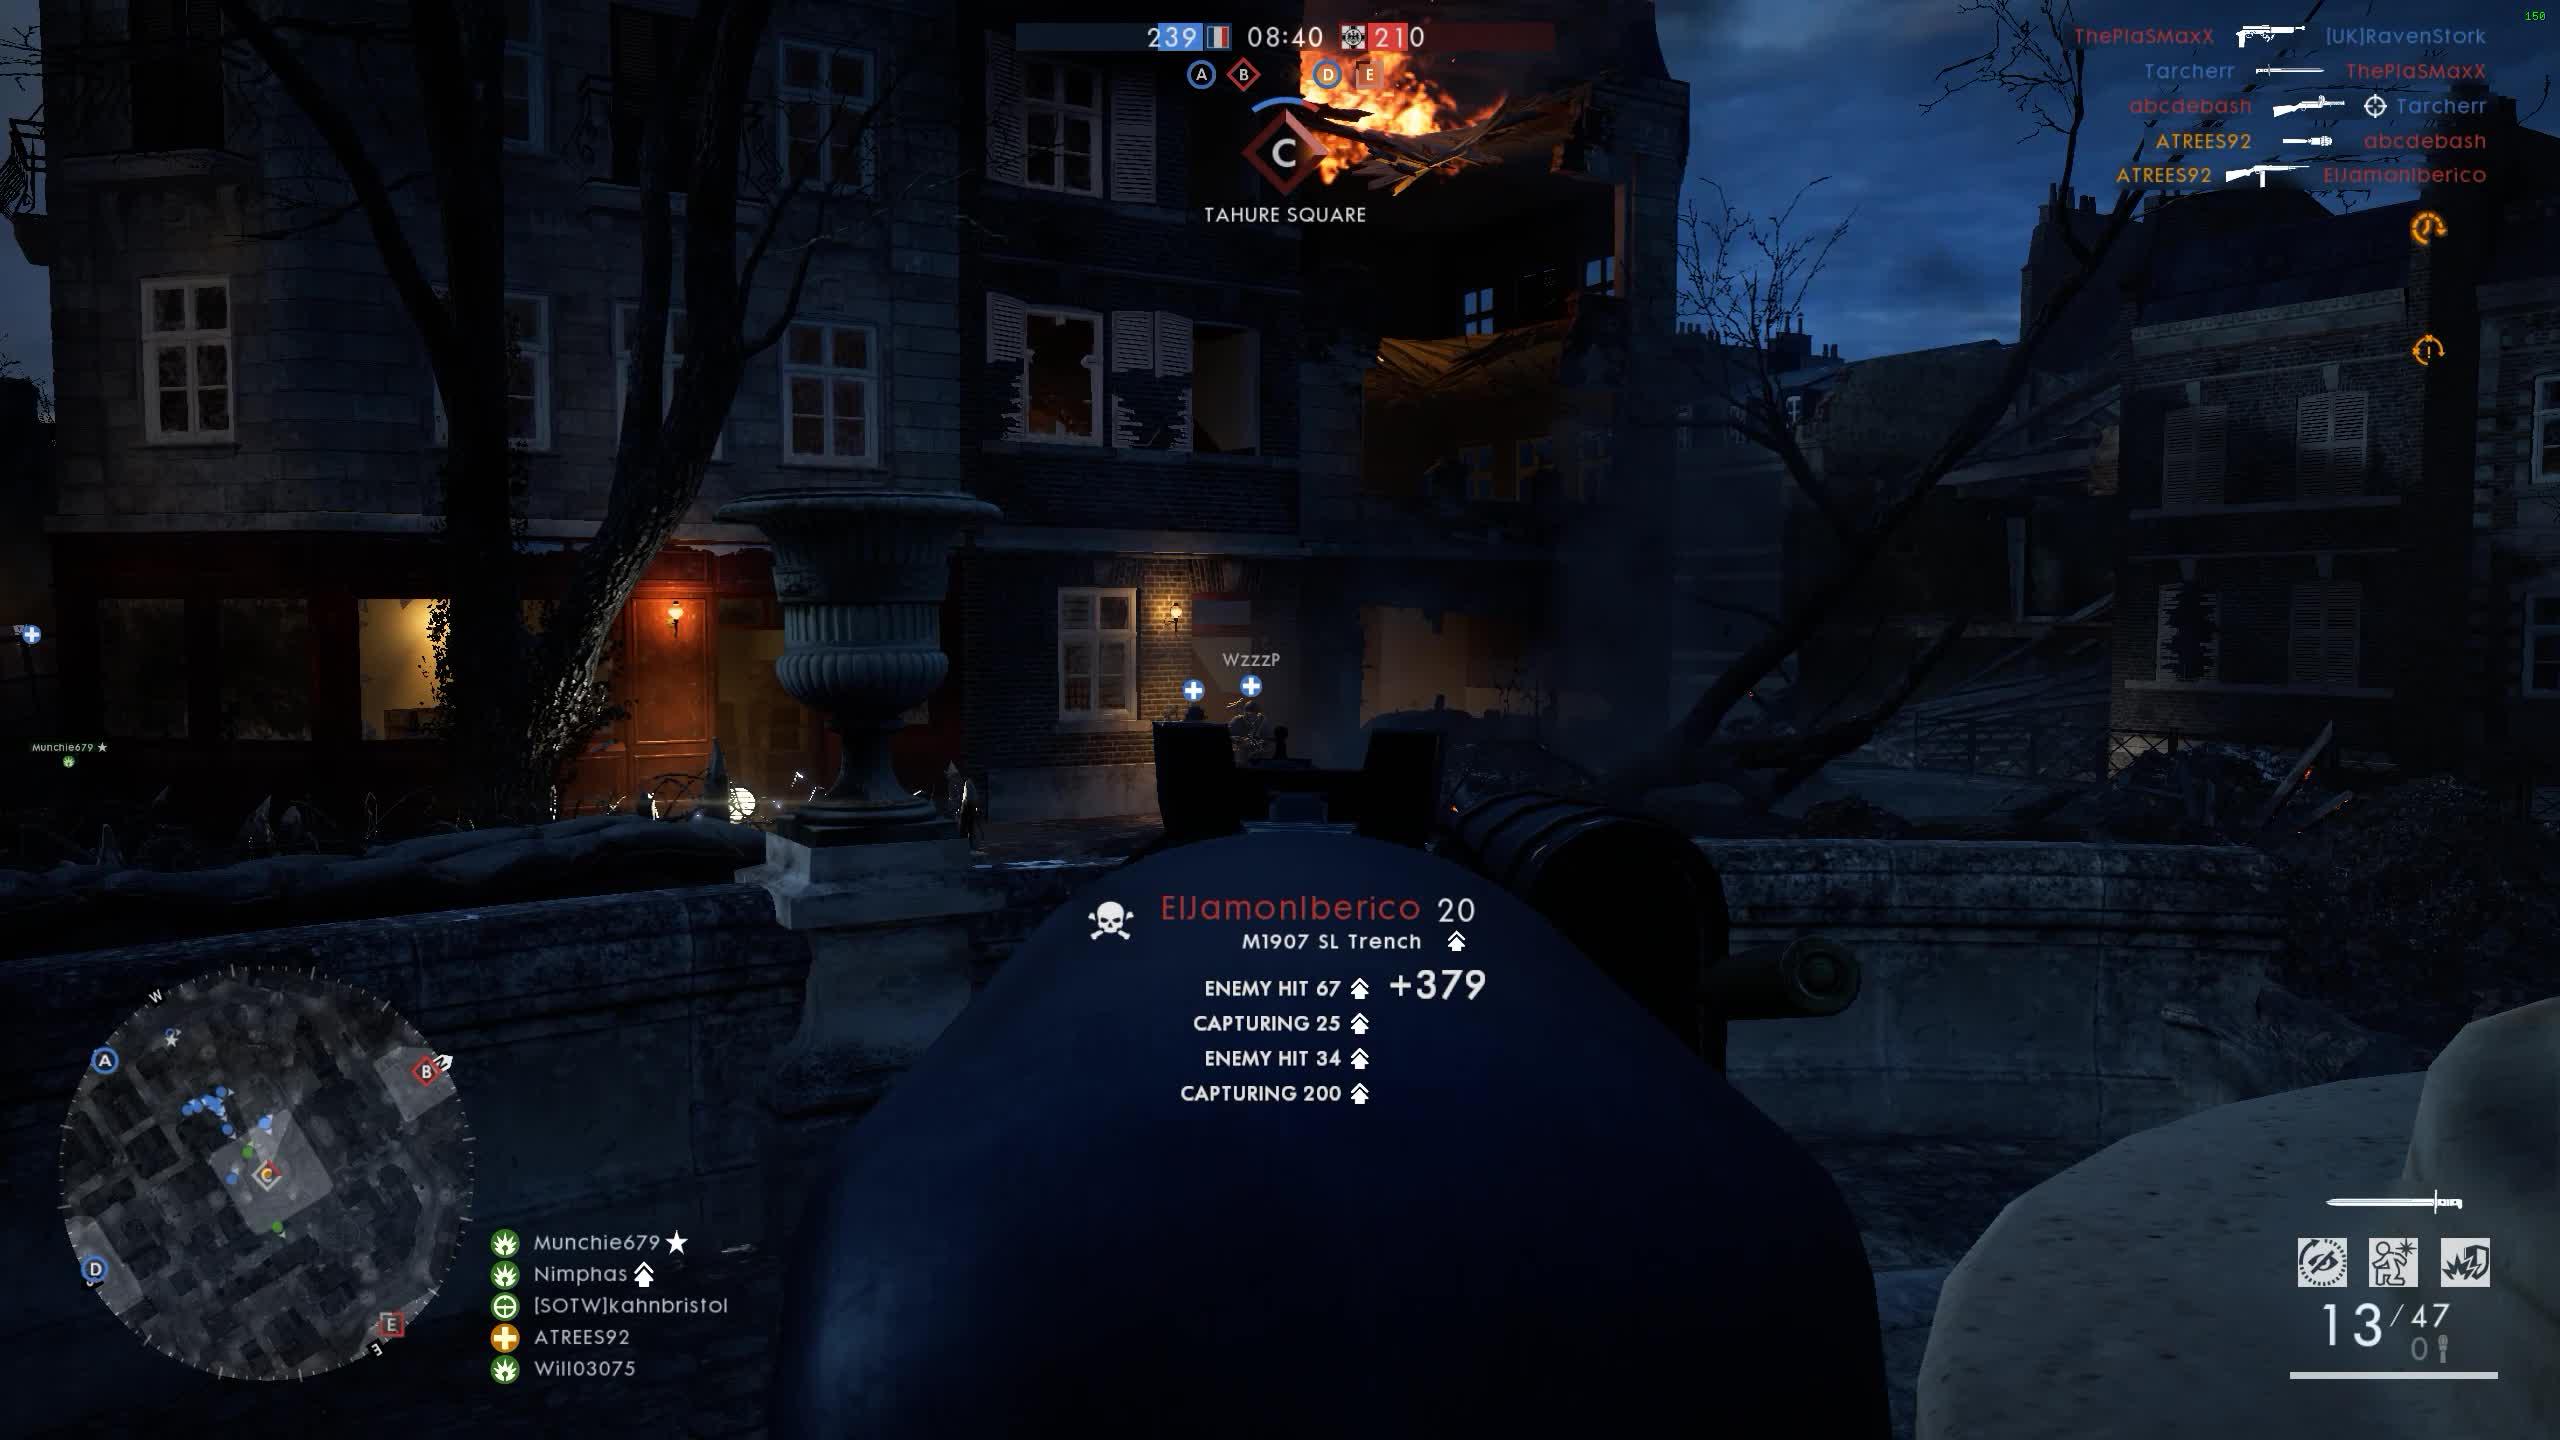 battlefield1, Battlefield 1 2018.08.30 - 04.09.42.02.DVR GIFs